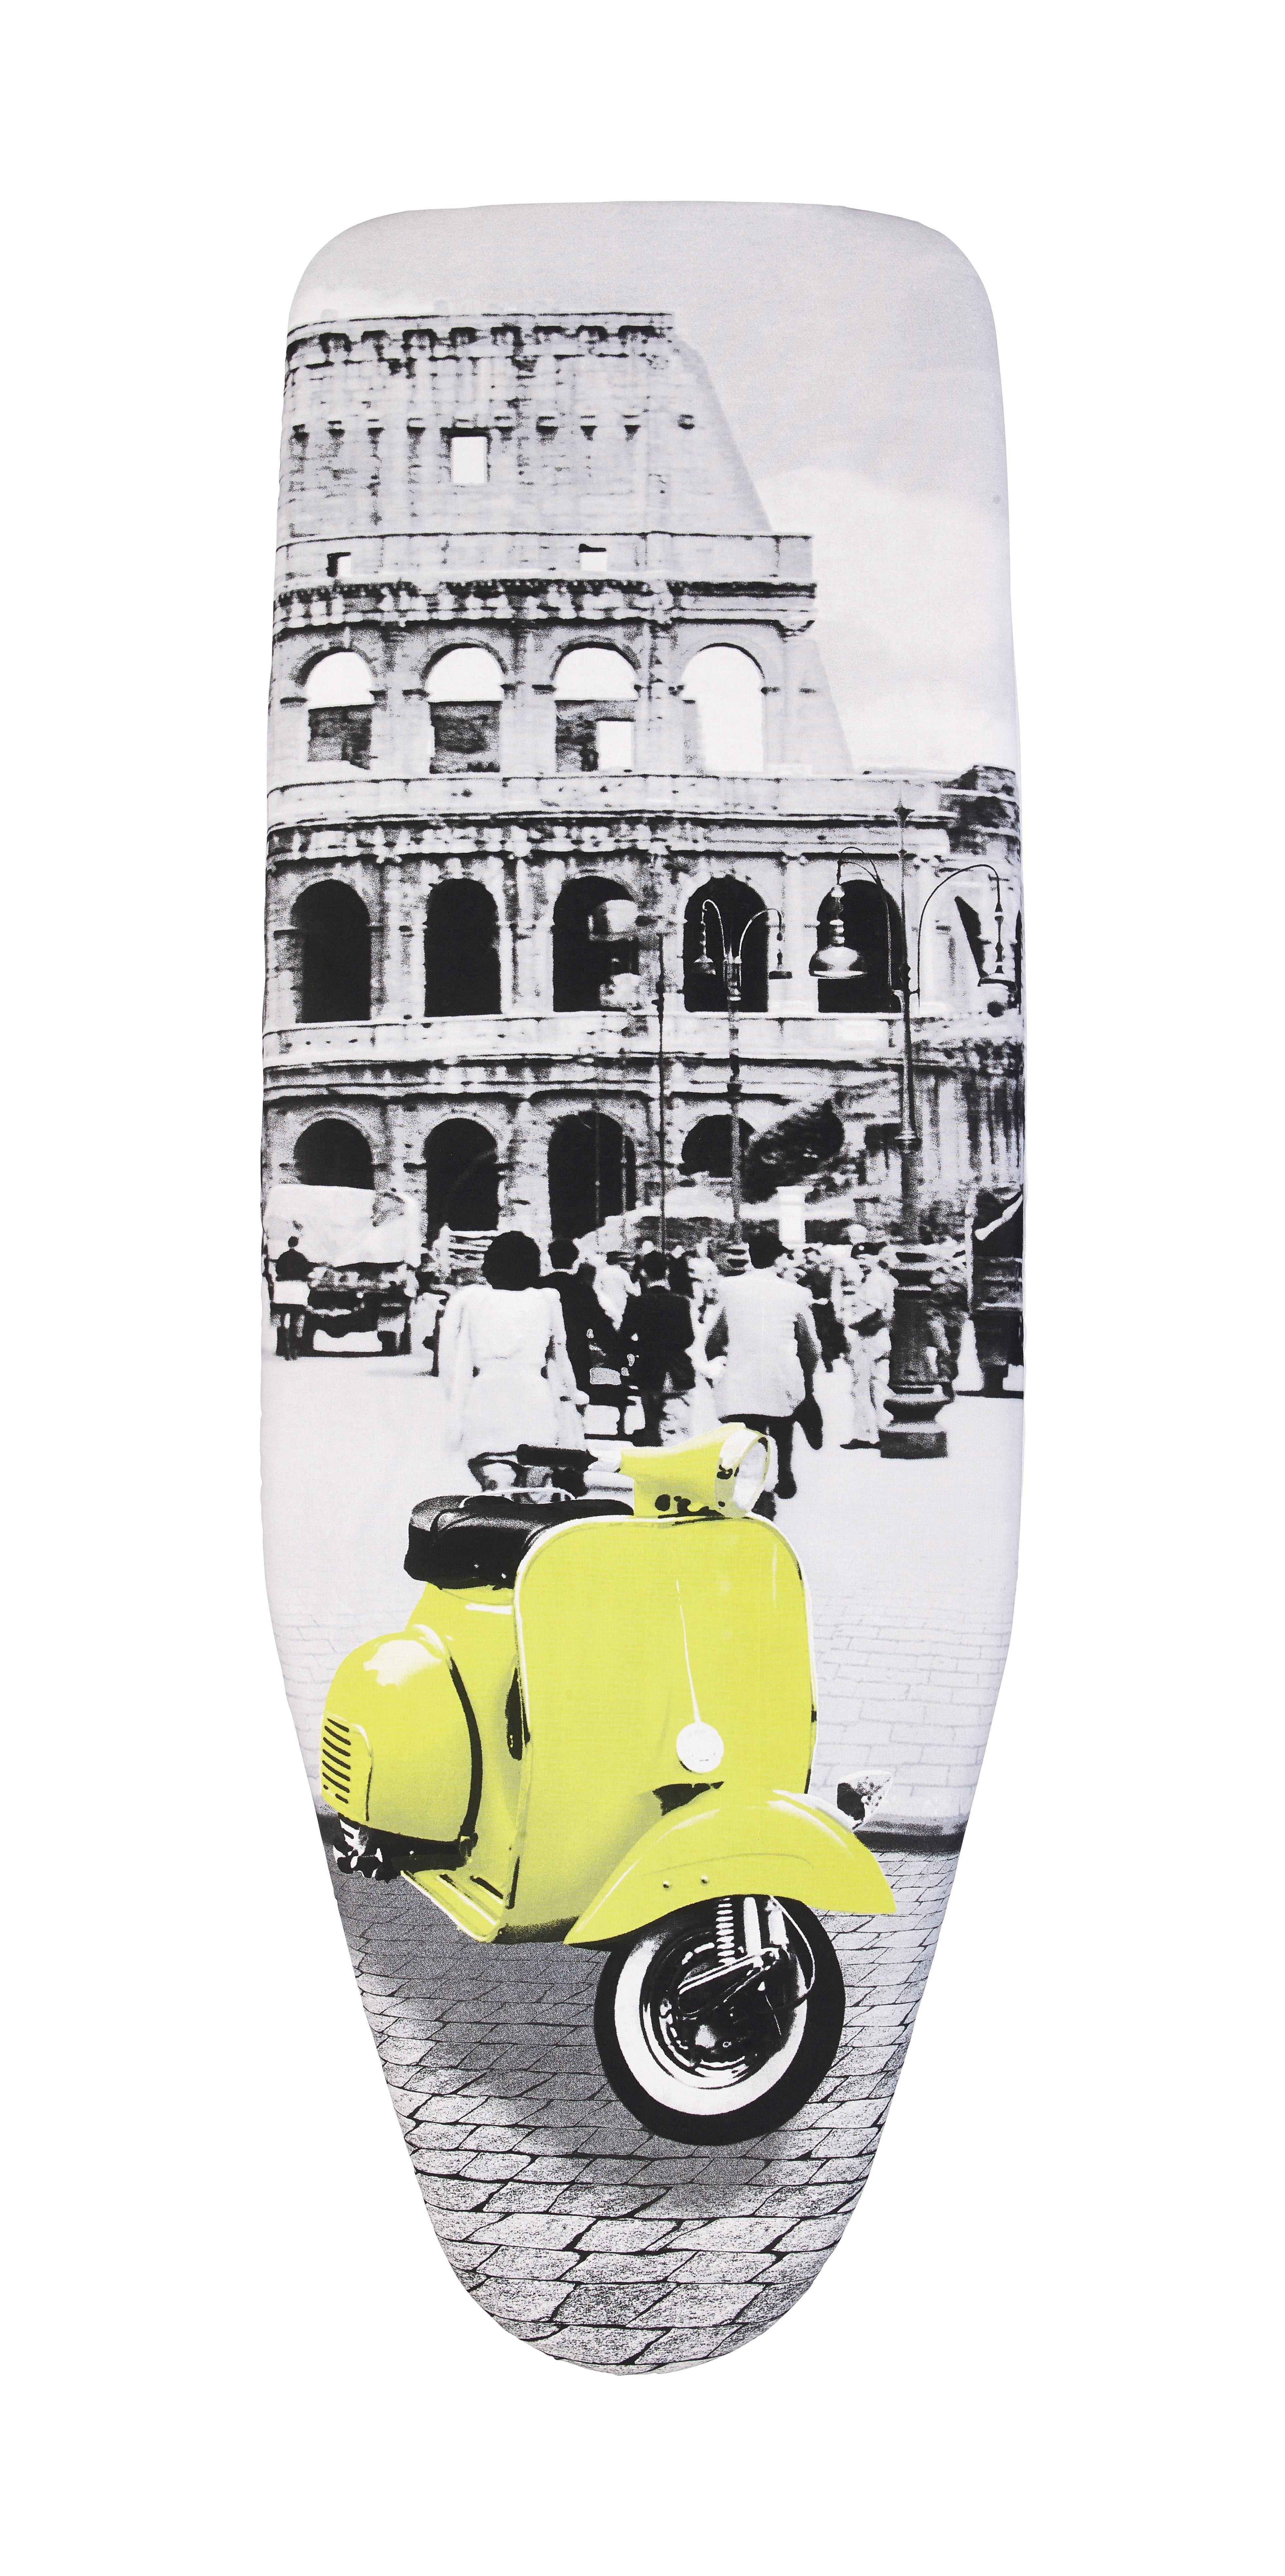 Bügelbrettbezug Gina - Multicolor, Textil (46/124cm) - MÖMAX modern living